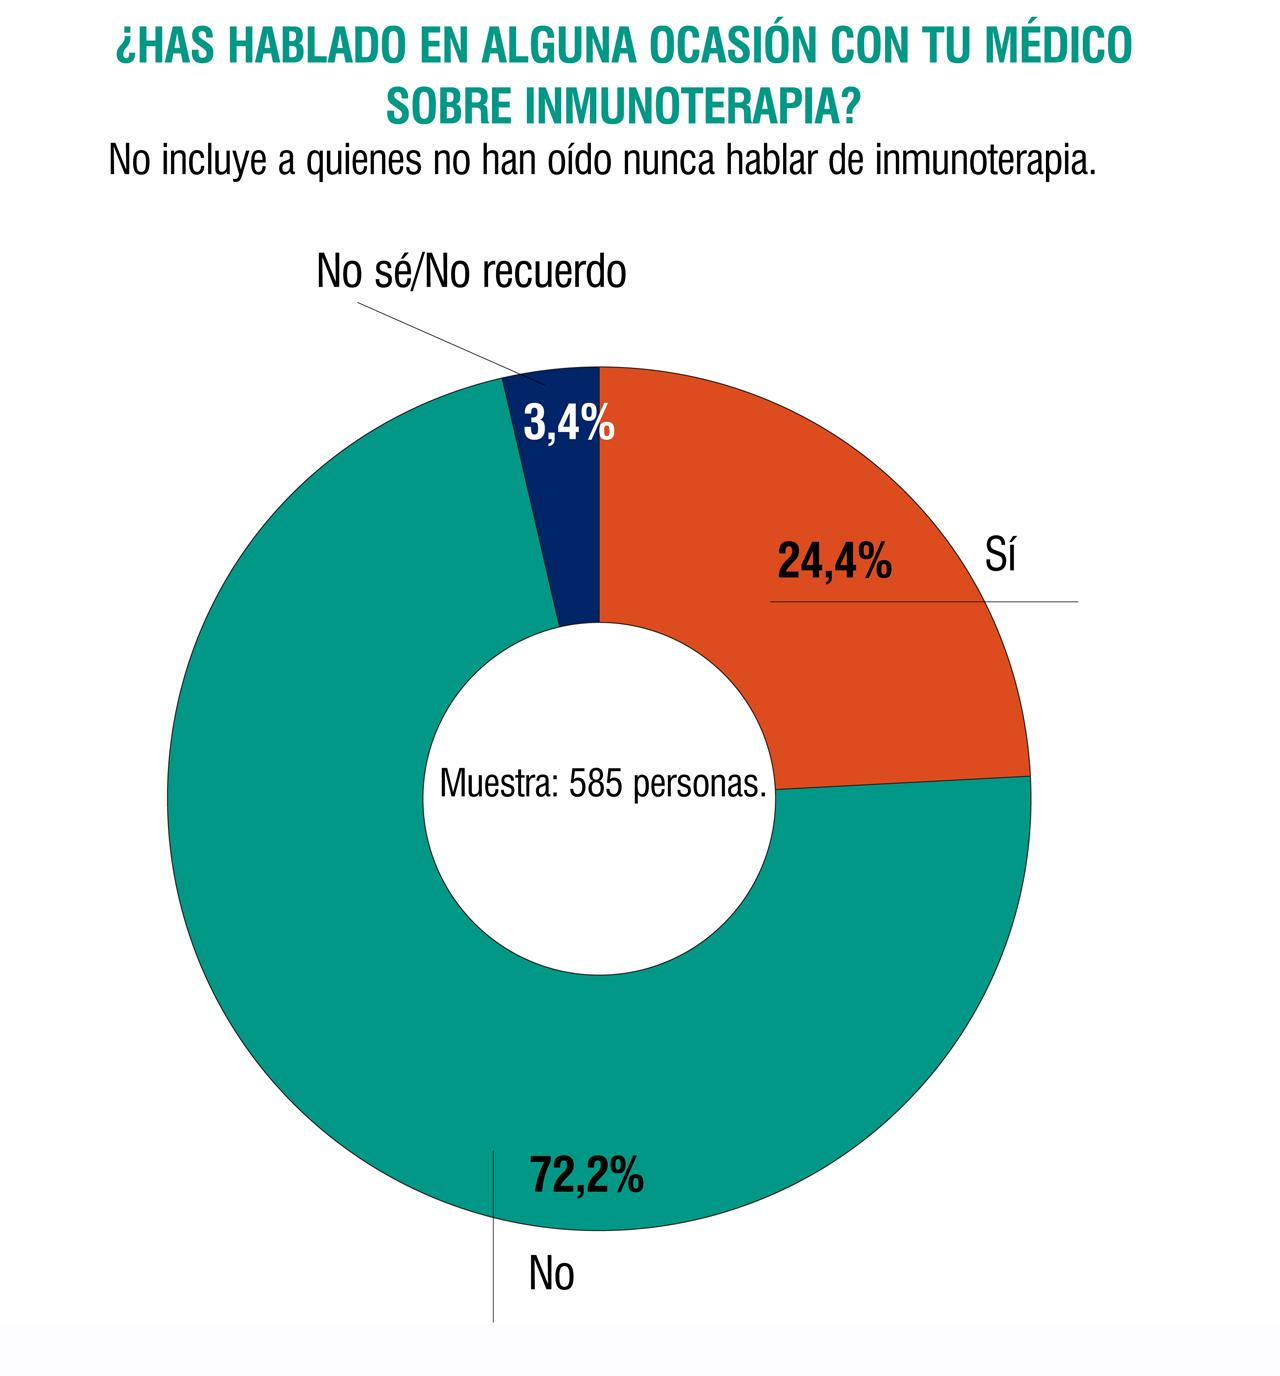 ¿Has hablado en alguna ocasión con tu médico sobre inmunoterapia?. Resultados del informe 'Inmunoterapia y cáncer: conocimiento, expectativas y experiencia de los pacientes'.